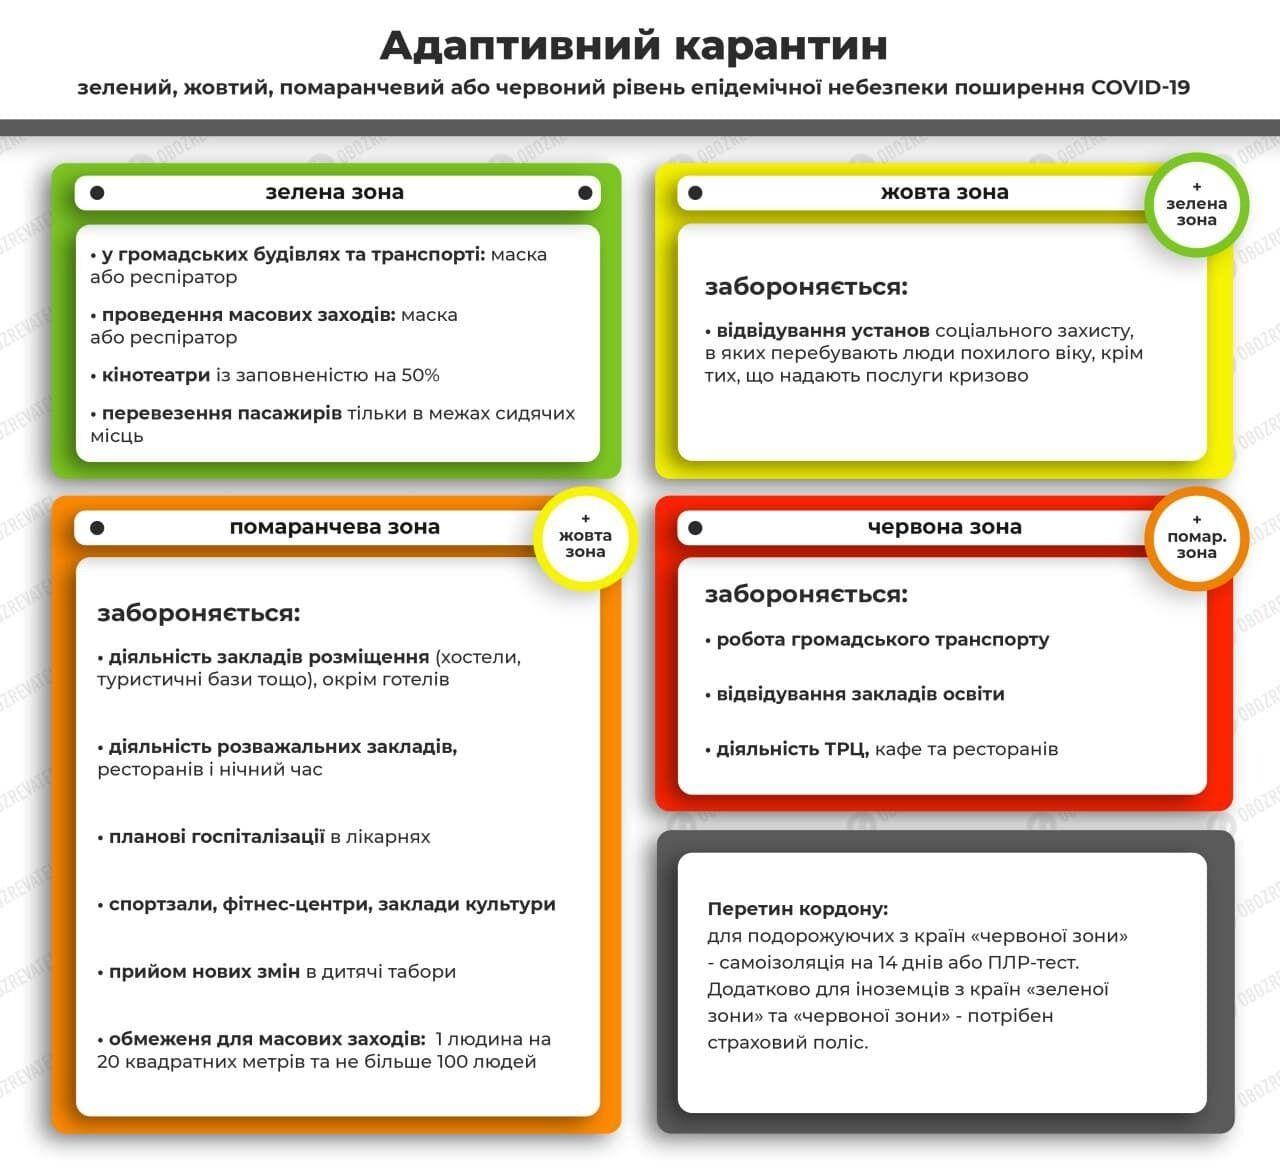 Адаптивний карантин в Україні.